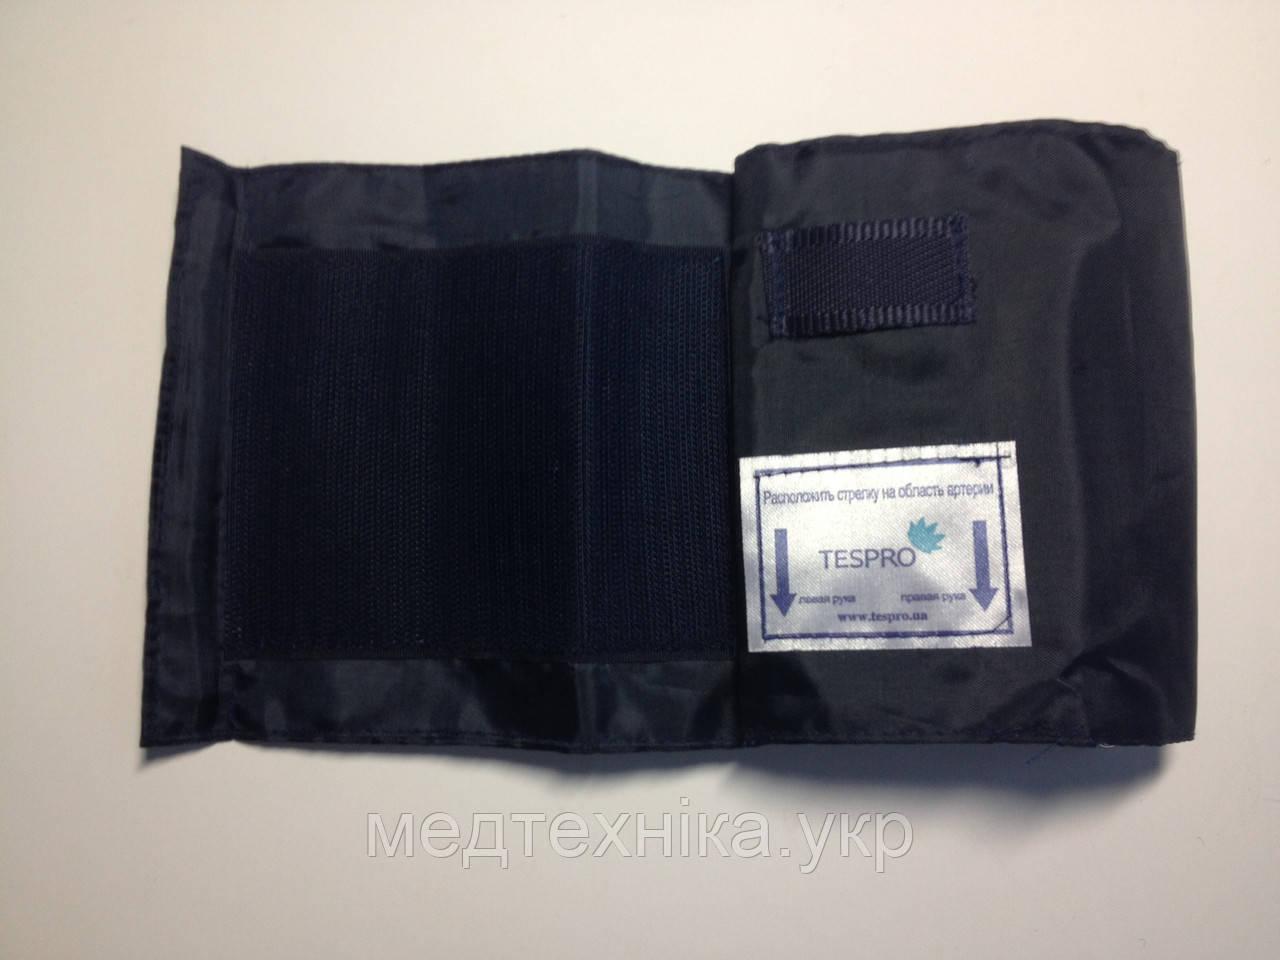 Манжет для плеча нейлоновый 51*14 см. с кольцом без камеры, обхват 24-38 см, цвет синий